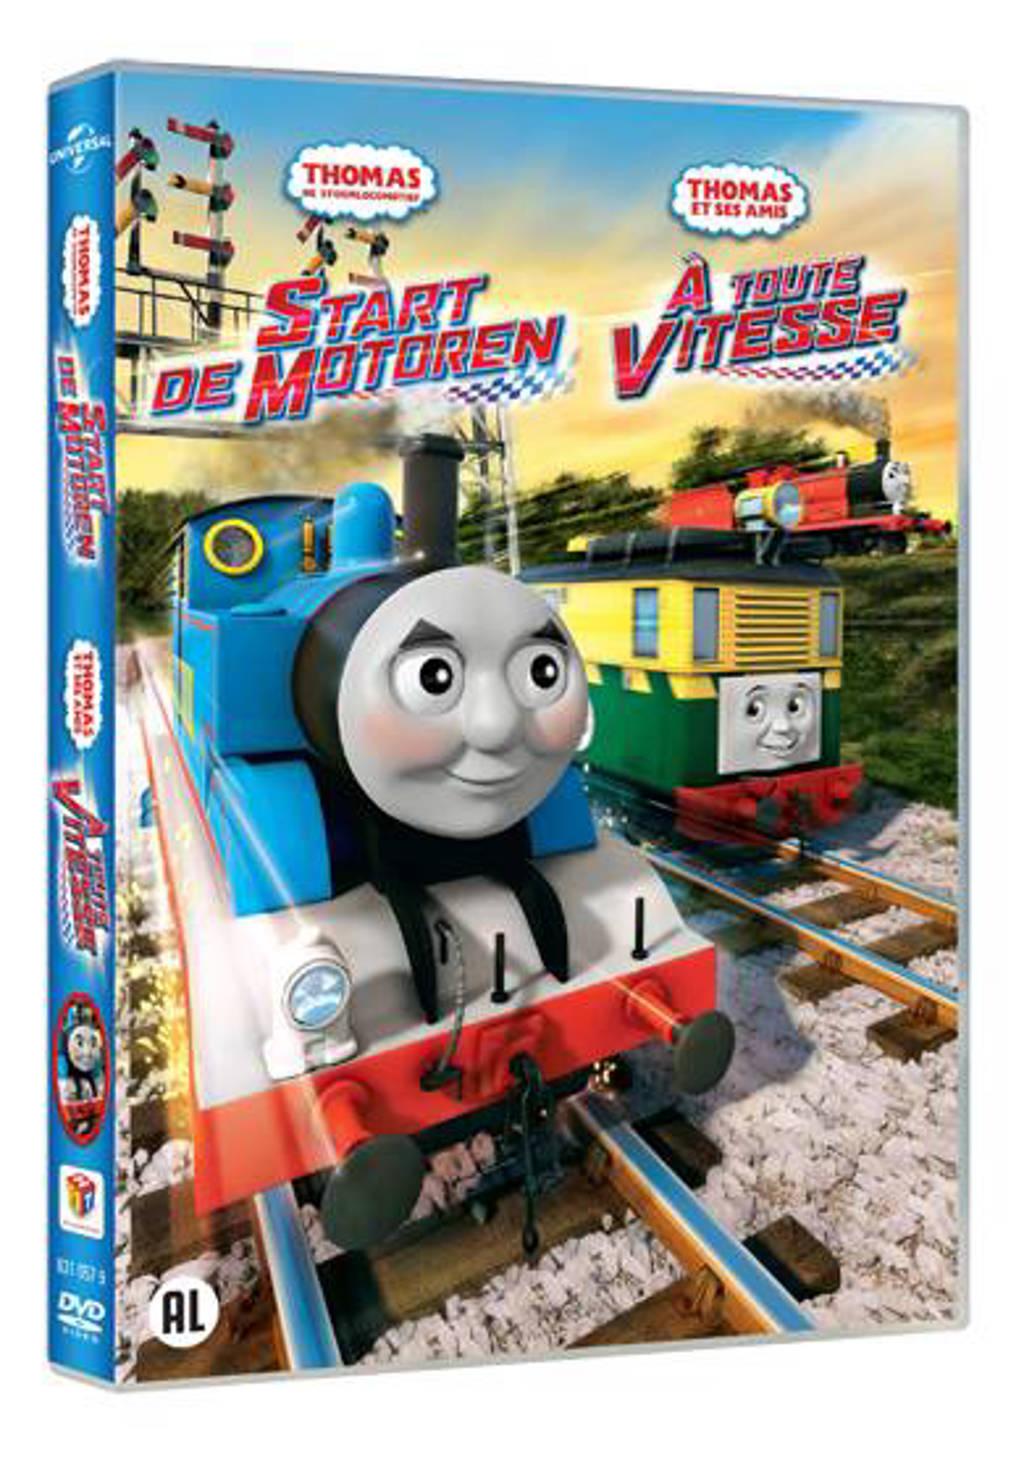 Thomas de stoomlocomotief - Start de motoren (DVD)